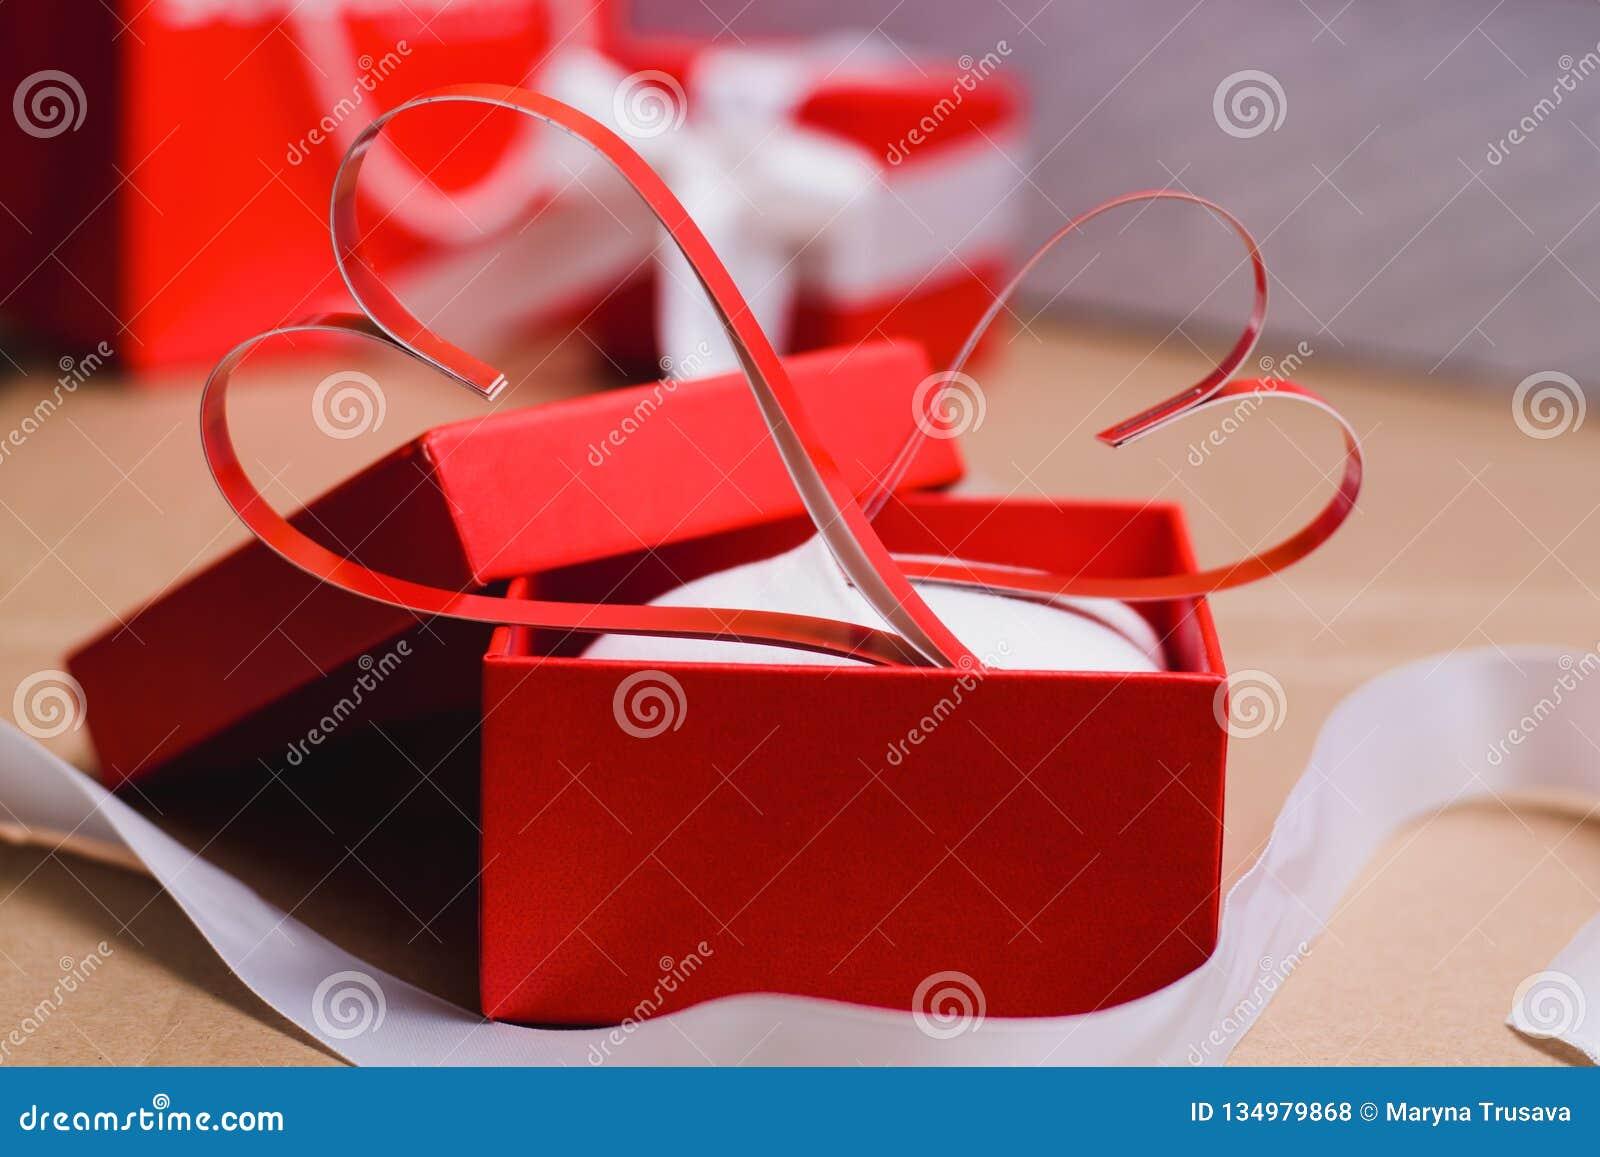 Dos corazones rojos de papel hechos en casa en una caja de regalo roja, símbolo del día de tarjeta del día de San Valentín